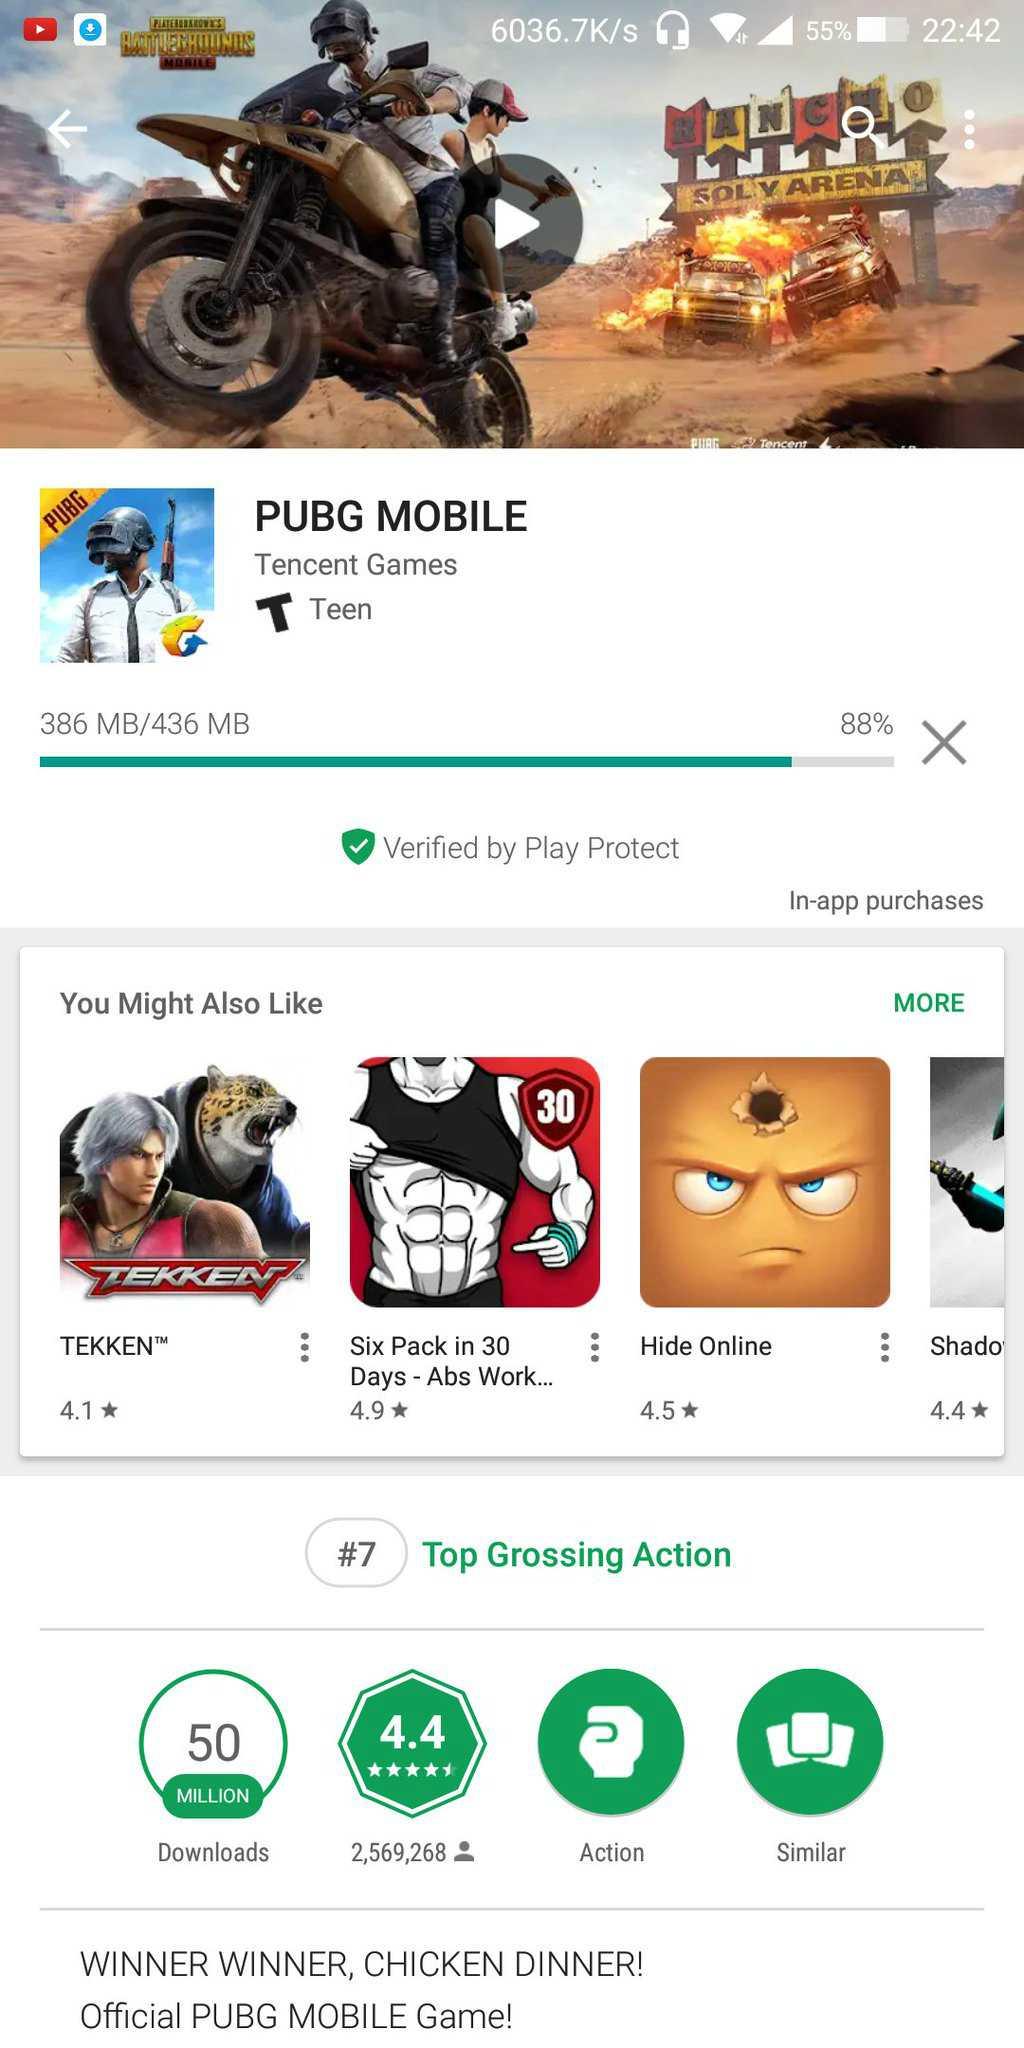 PUBG Mobile 0.6.0 Update